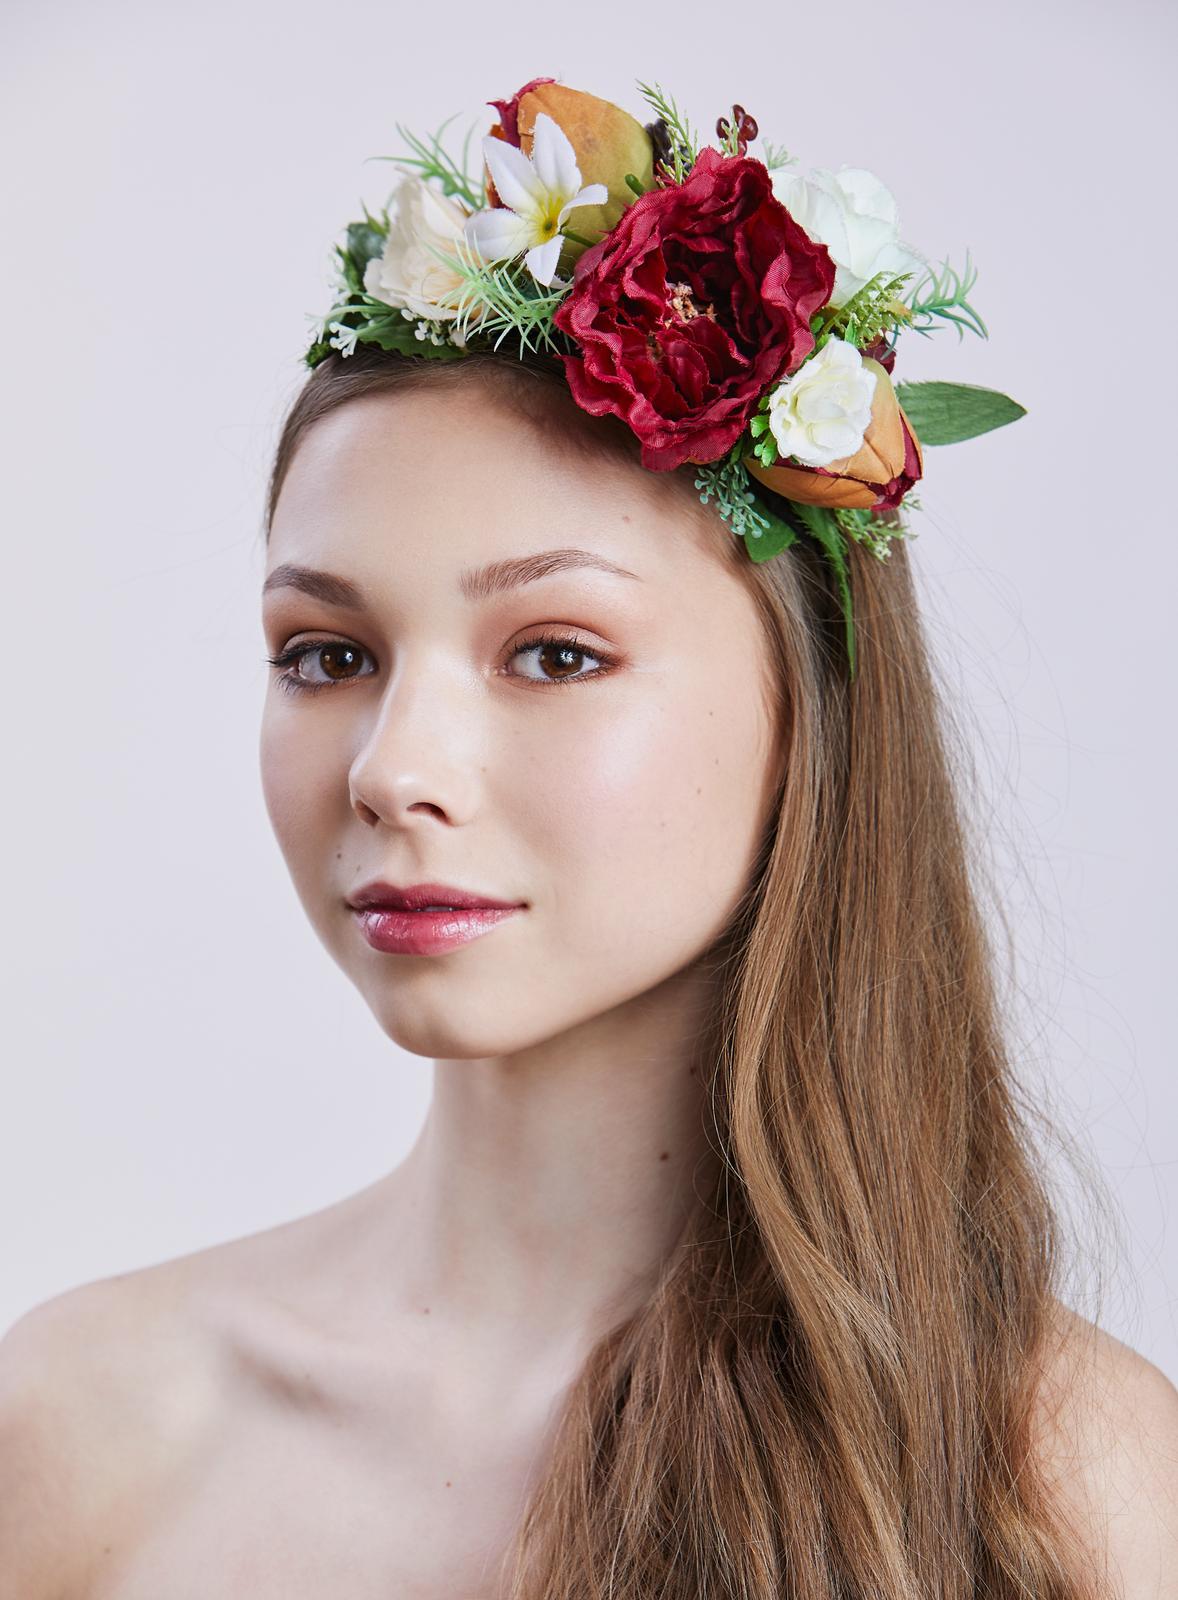 mornstlu - #naturalbride #naturalbeauty #petrweiglphotography #makeupinstituteprague